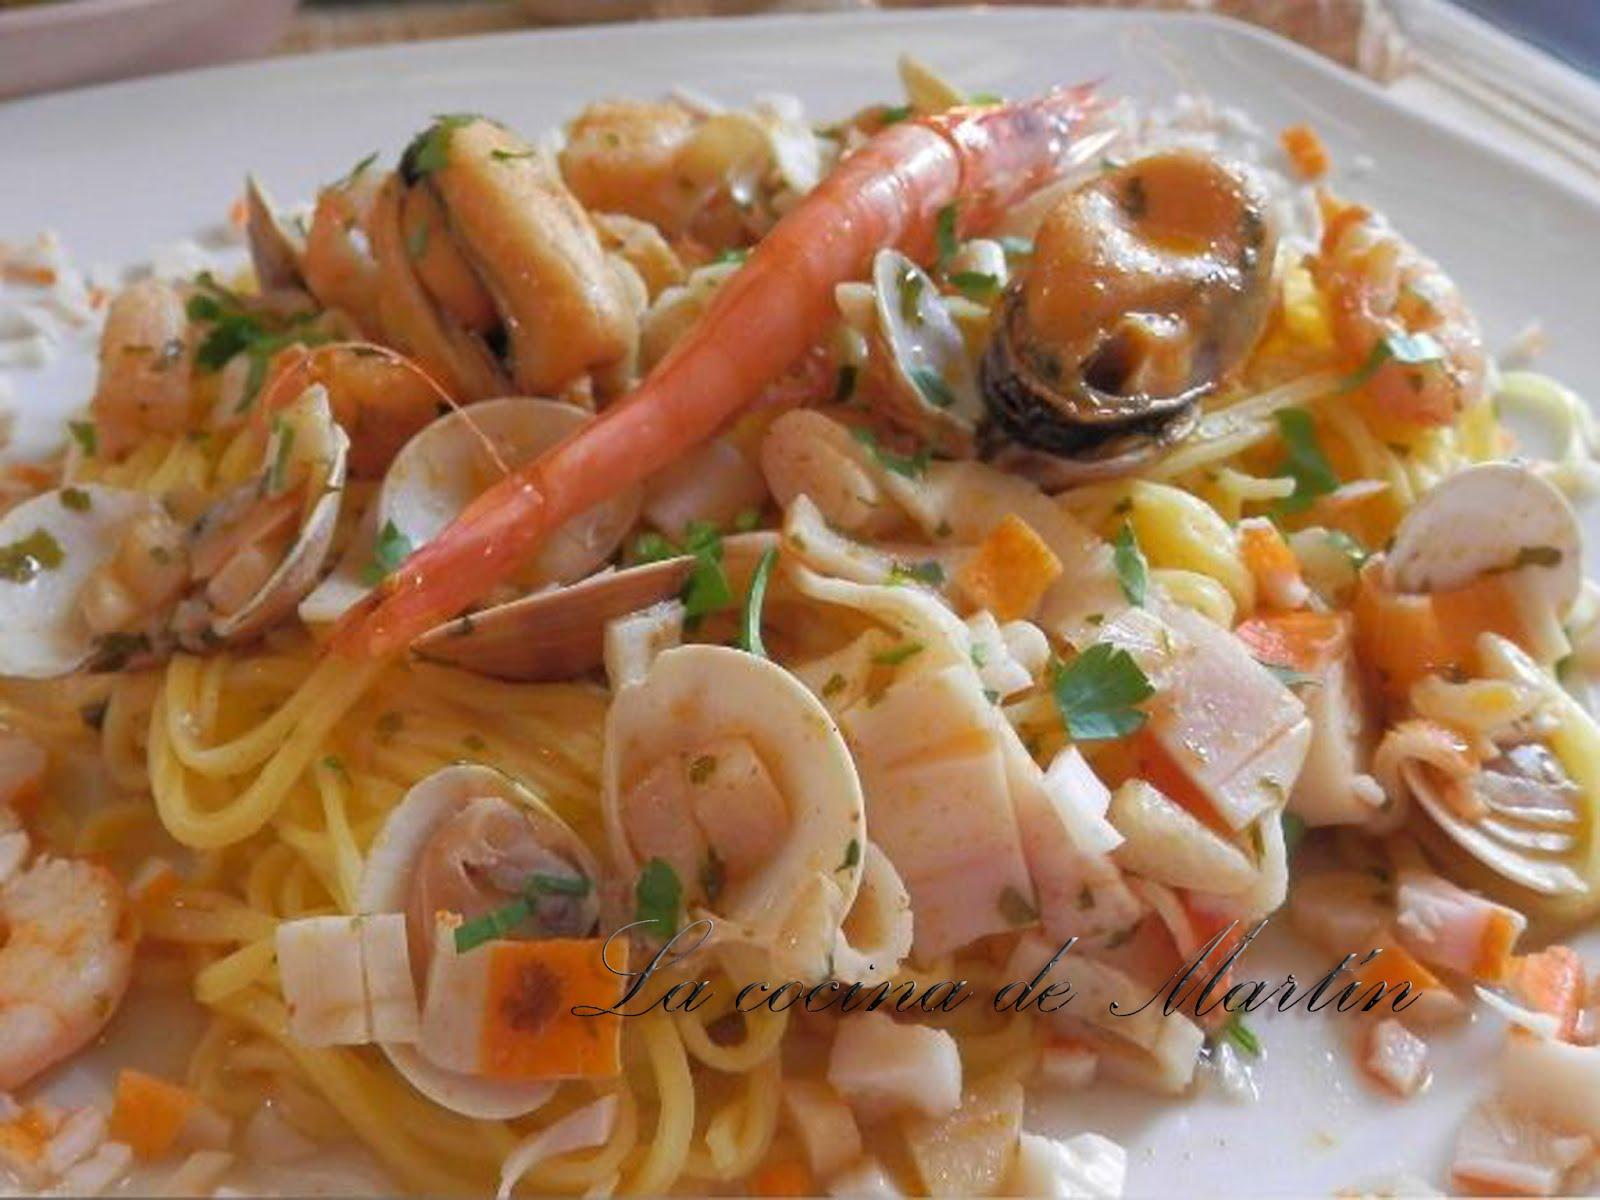 La cocina de mart n espaguetis a la marinera - Espaguetis con chirlas ...